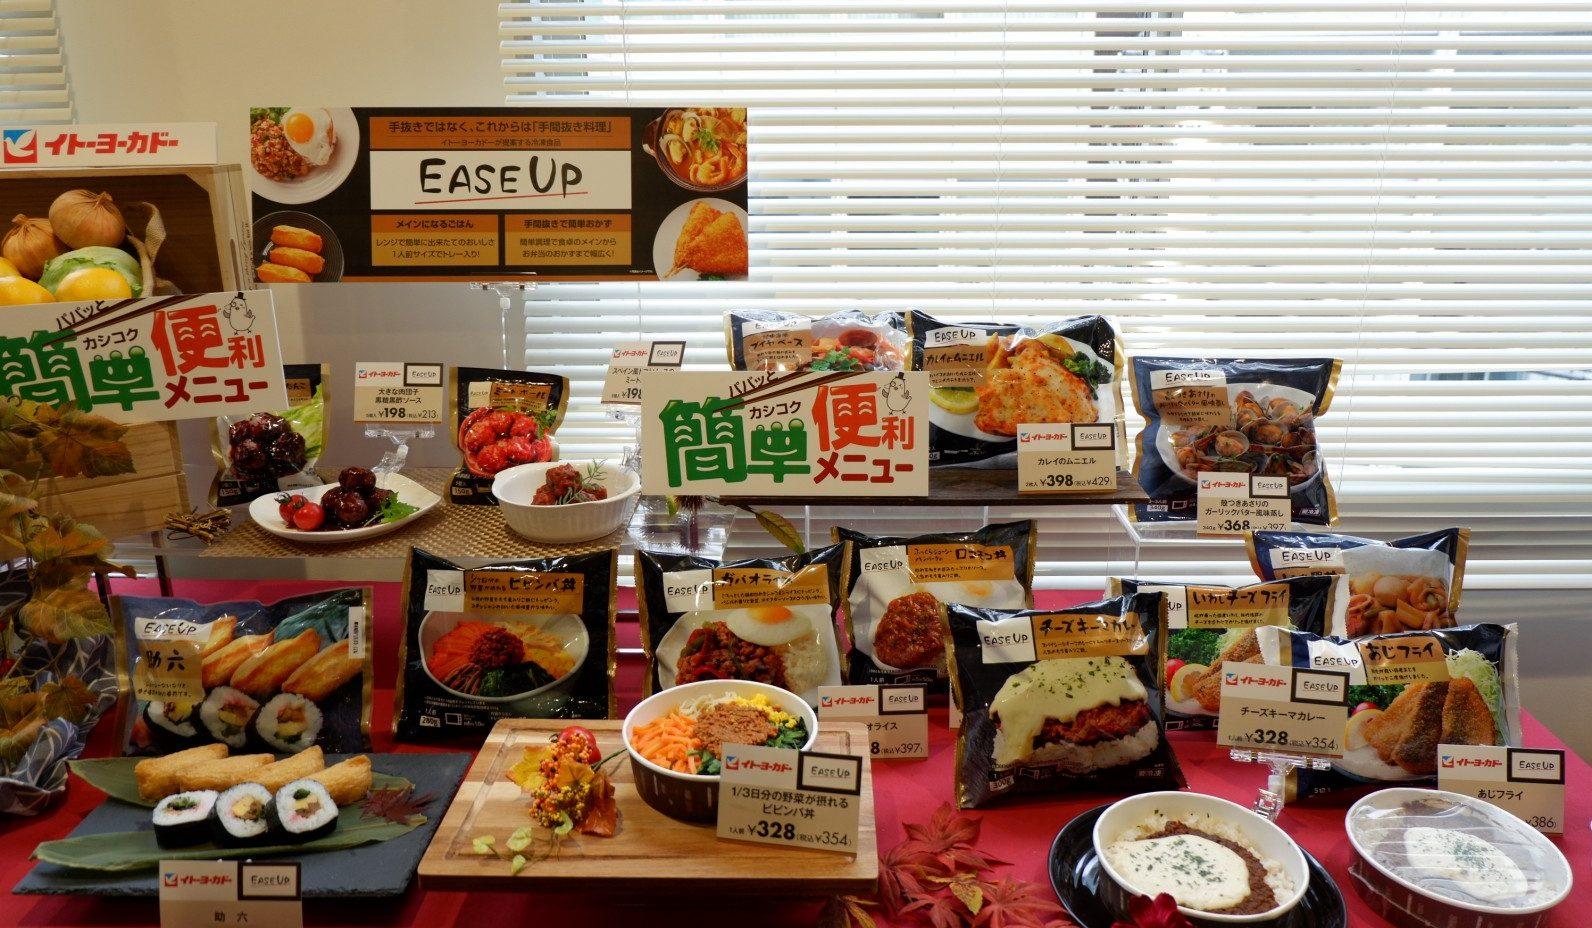 ヨーカドー新冷凍食品「EASE UP」、24日から全国展開